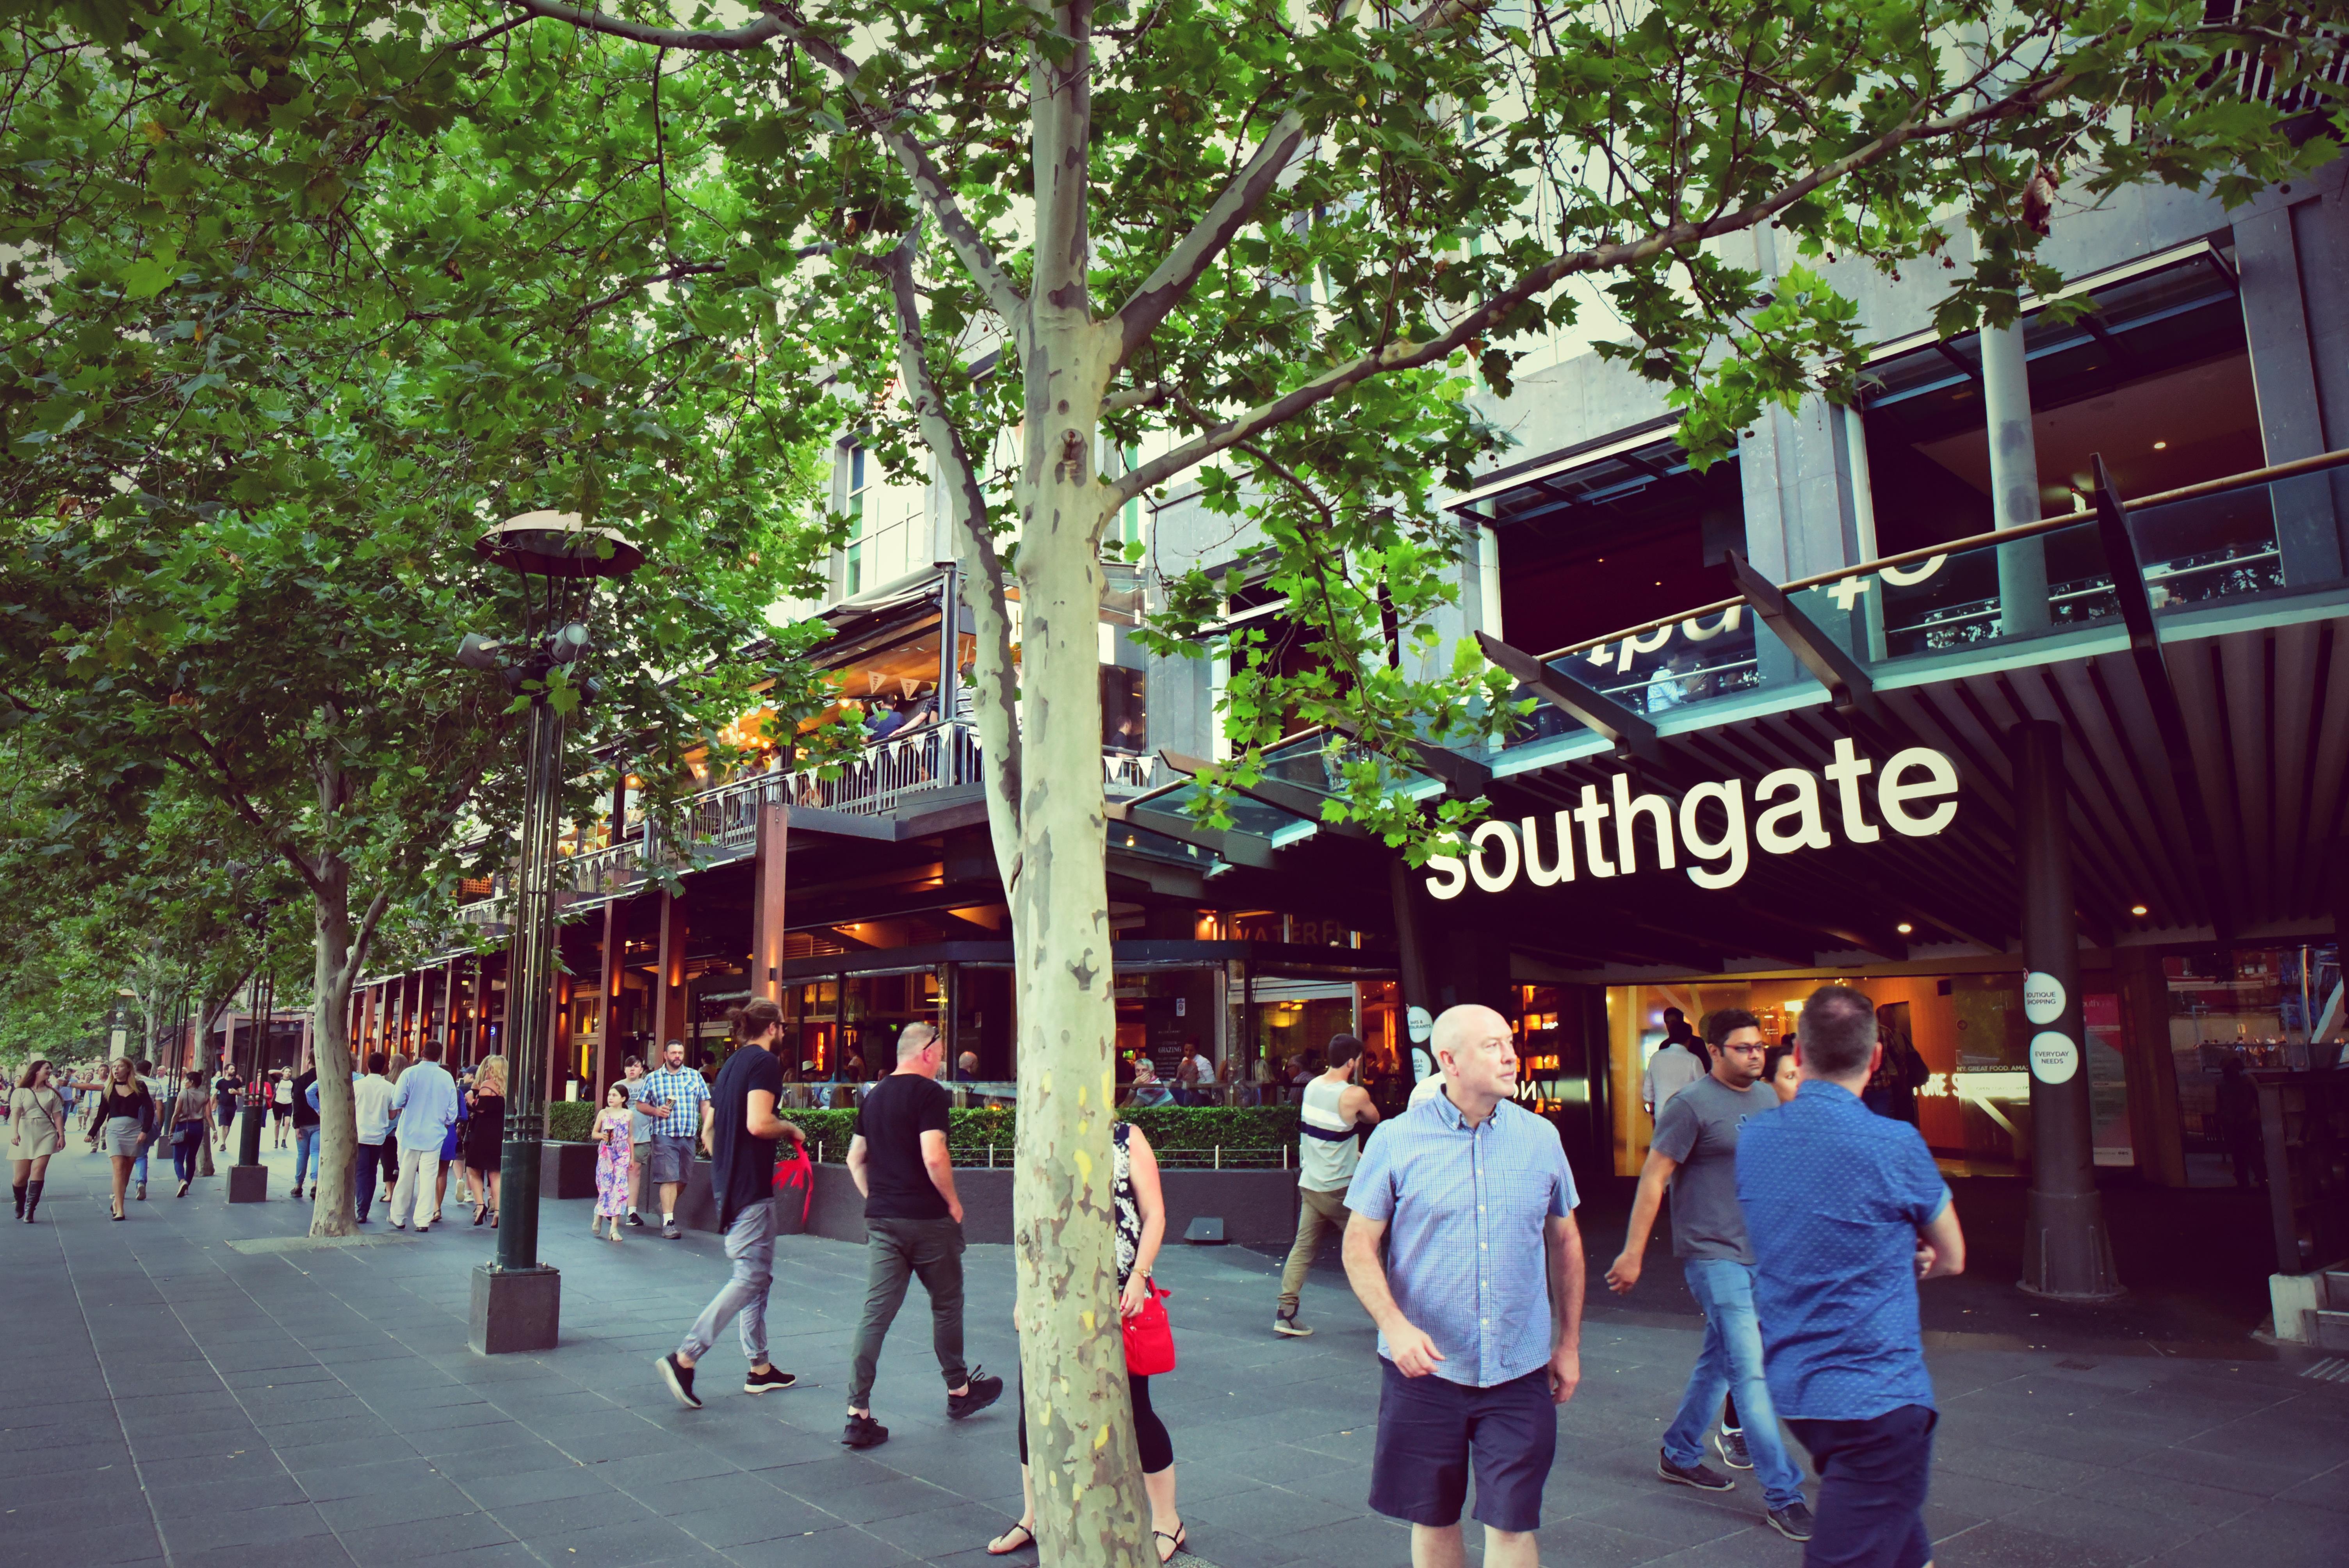 southgate2